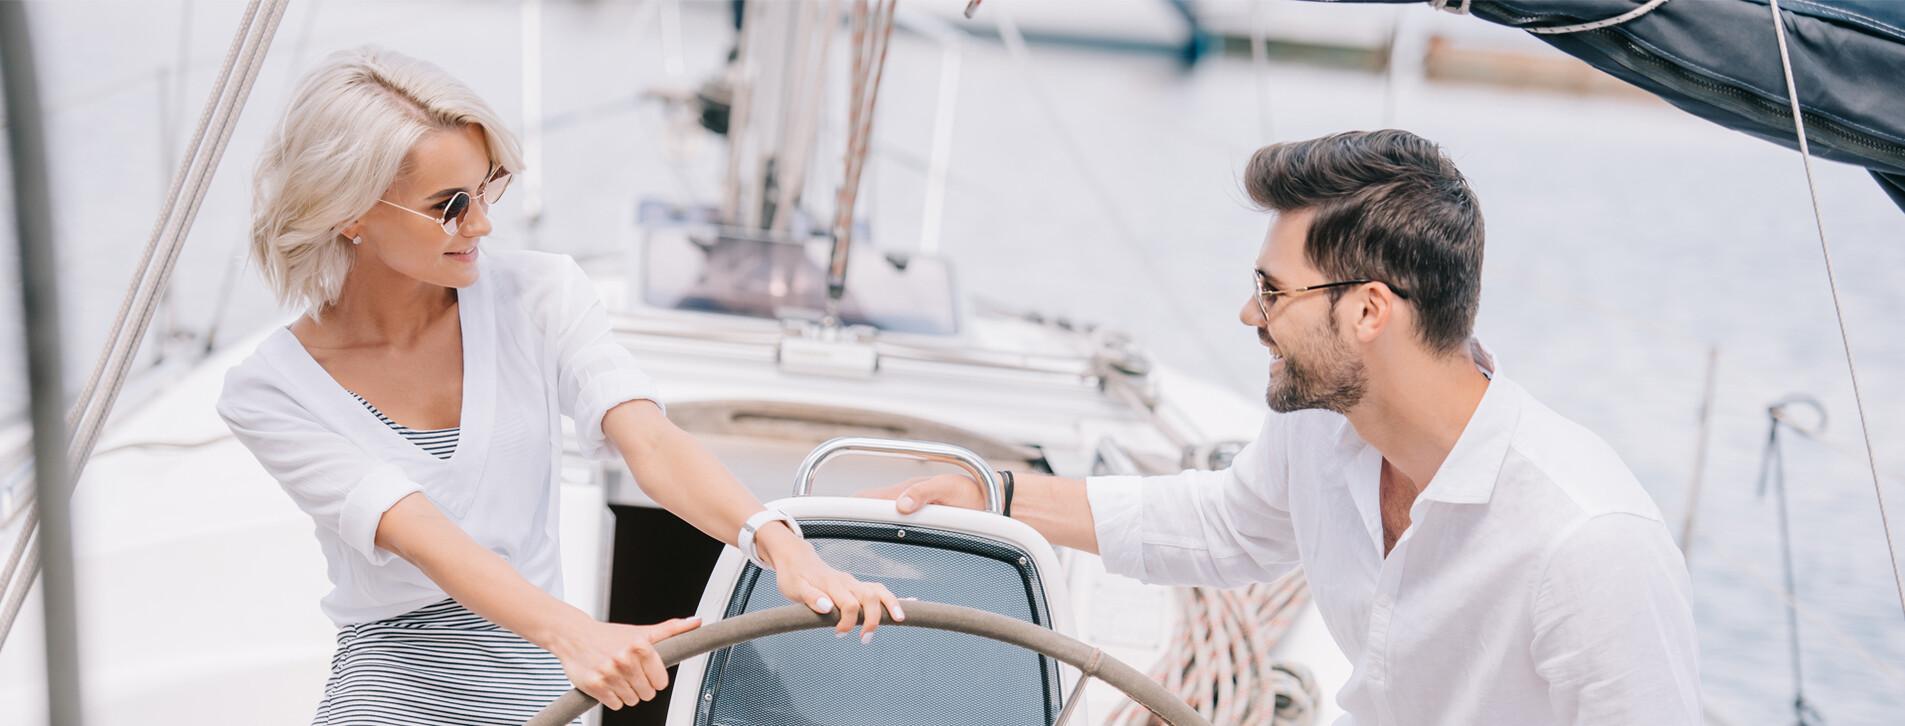 Фото - Романтична прогулянка на яхті